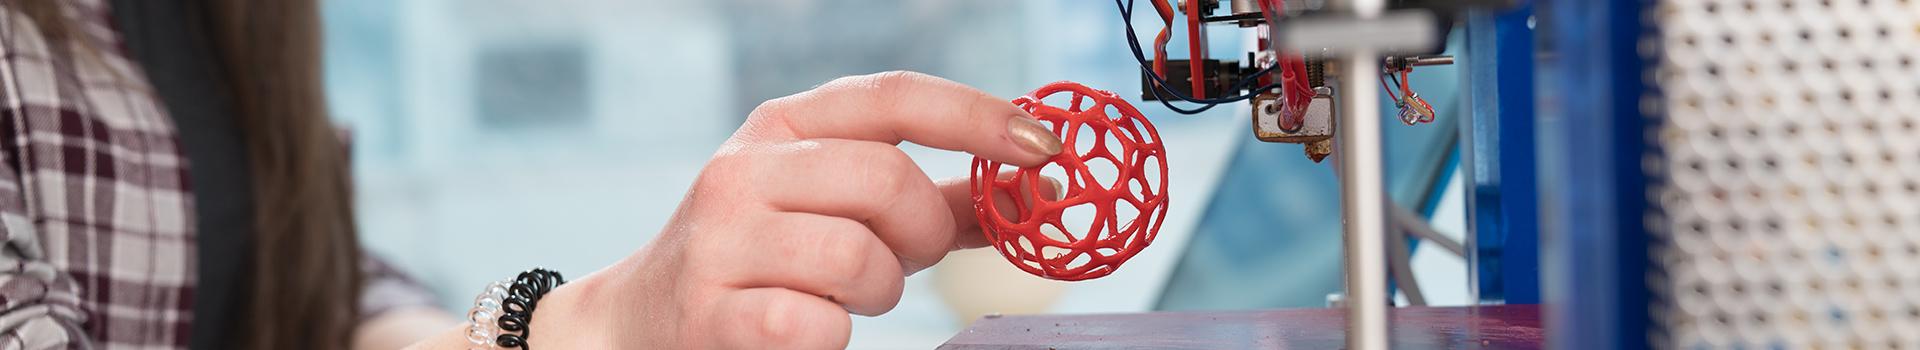 Goedkope 3D-printers voor onderwijs, is het mogelijk?